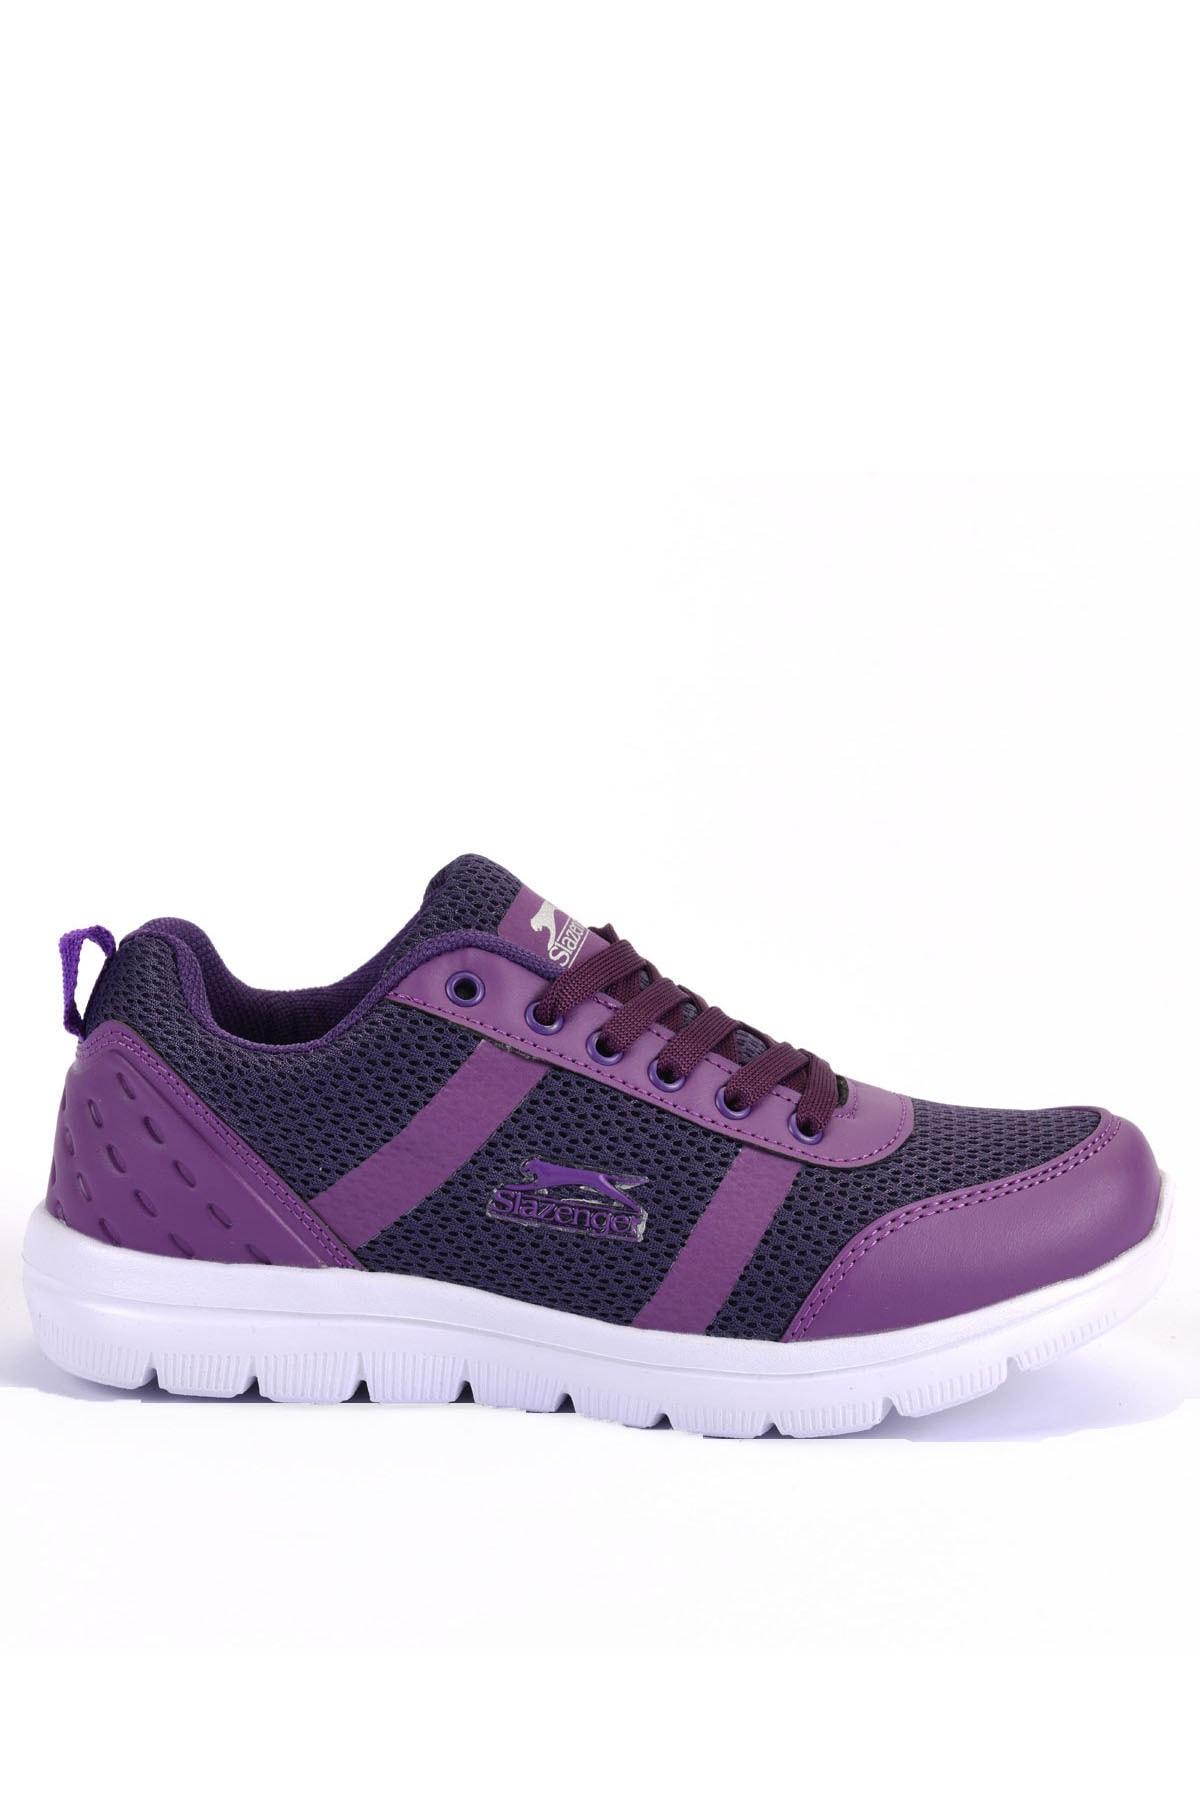 Slazenger Twenty Koşu & Yürüyüş Kadın Ayakkabı Mor 1